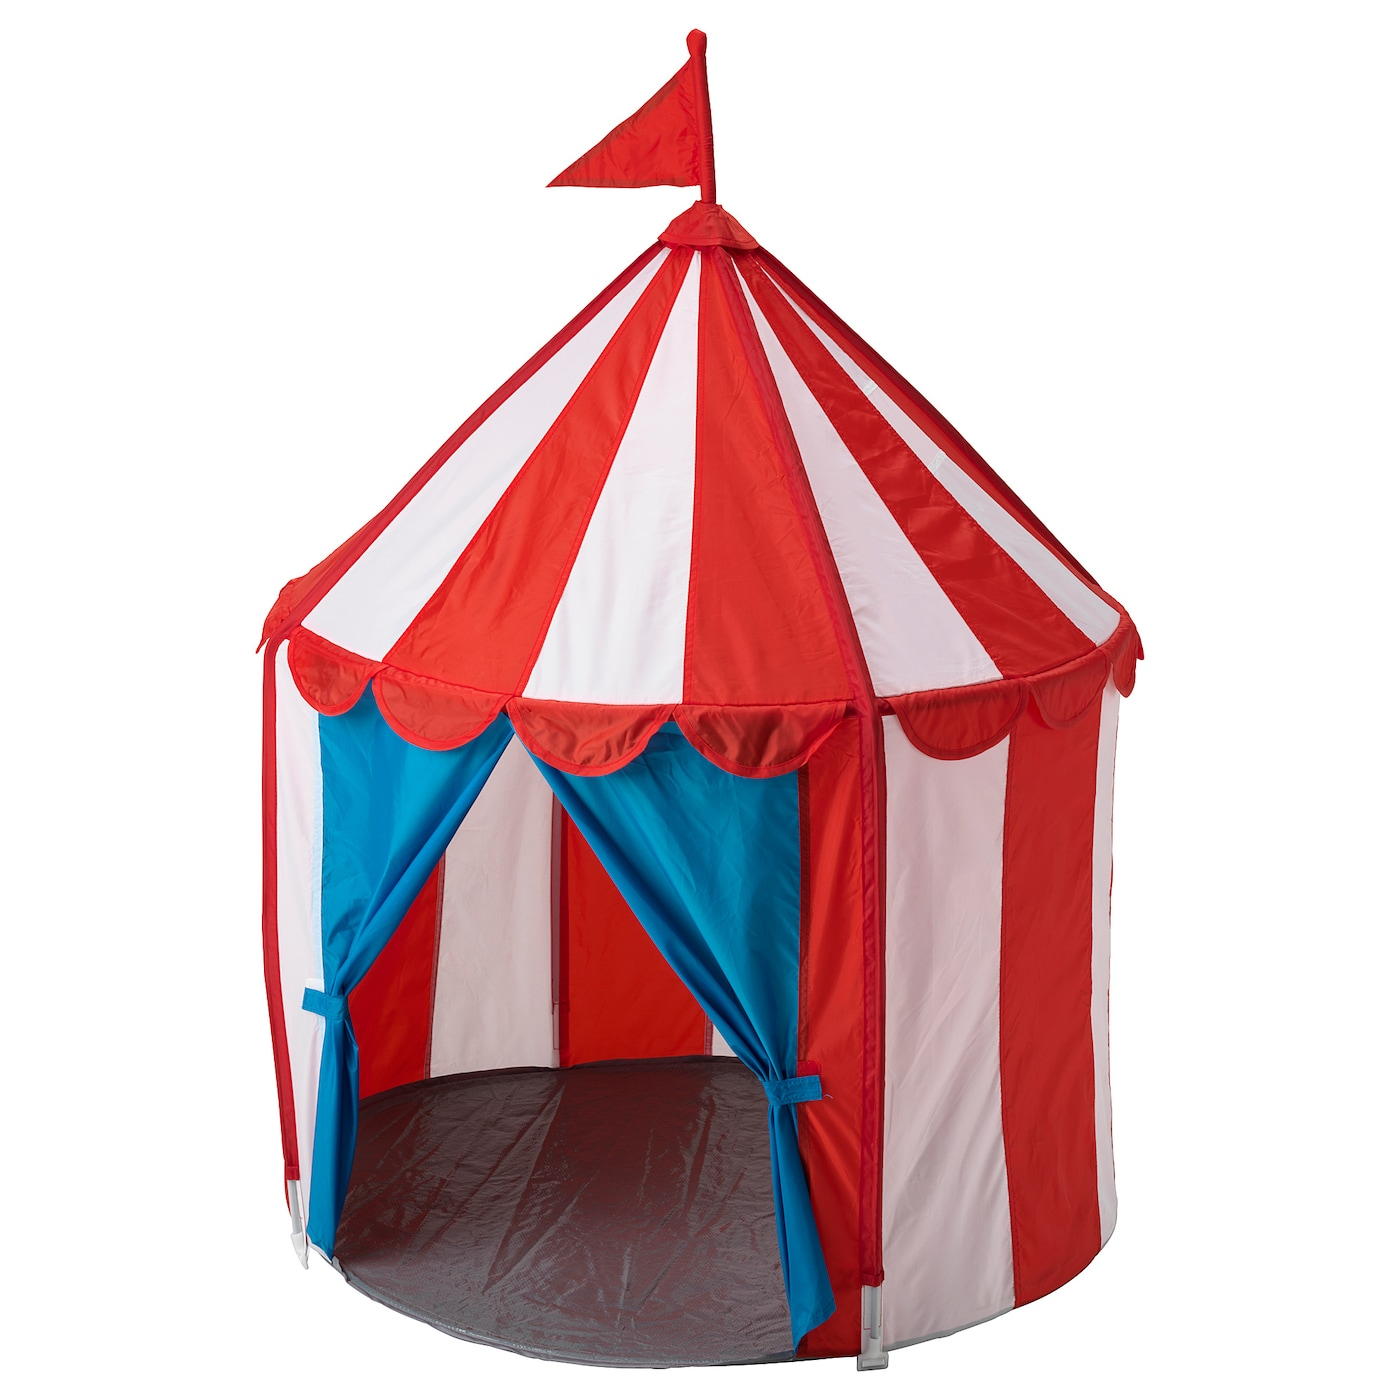 CIRKUSTÄLT Namiot dziecięcy, Kup online lub w sklepie IKEA